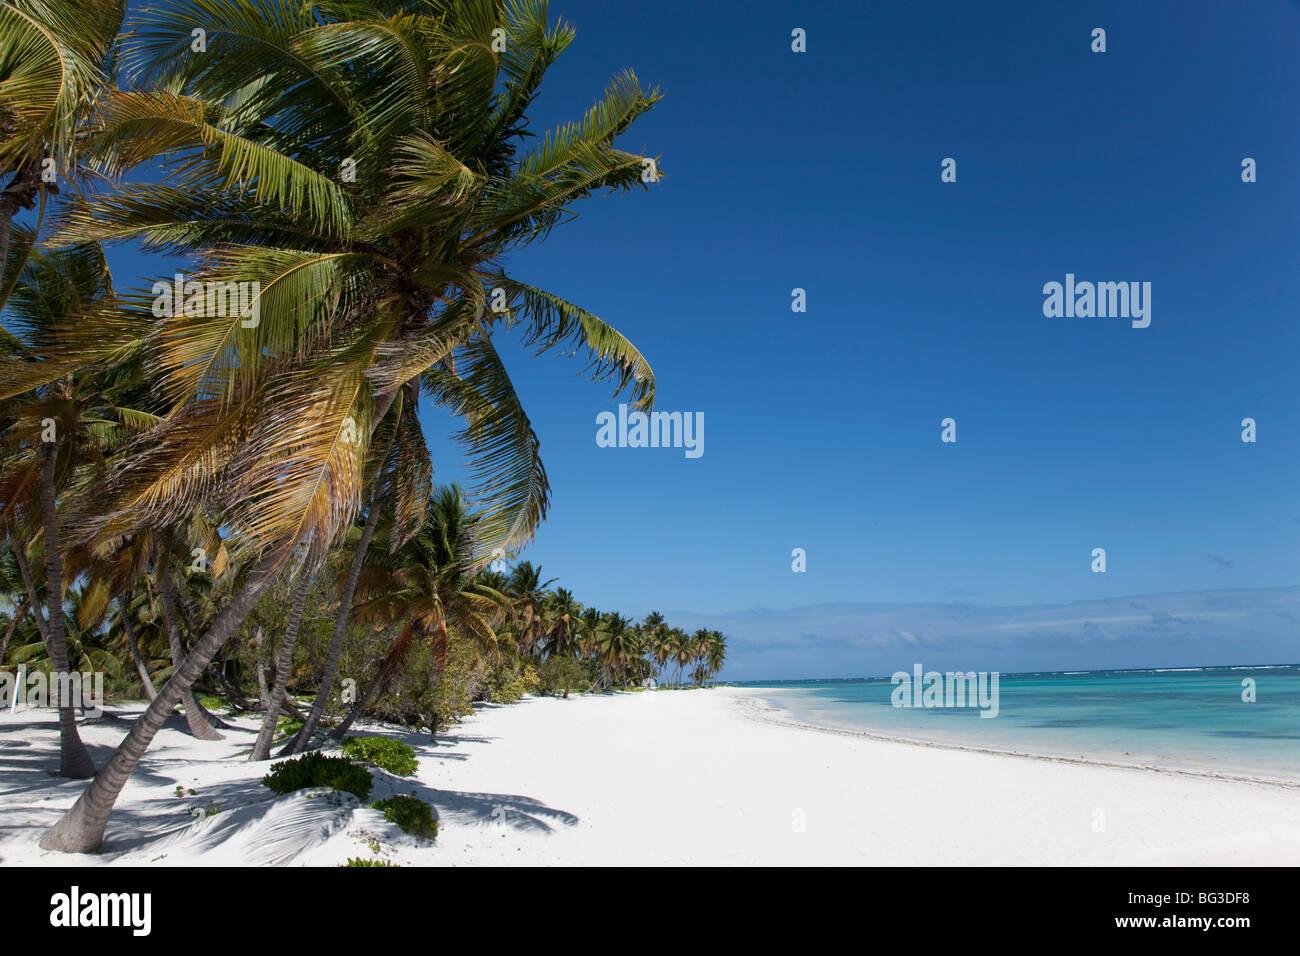 Punta Cana, República Dominicana, Antillas, Caribe, América Central Imagen De Stock